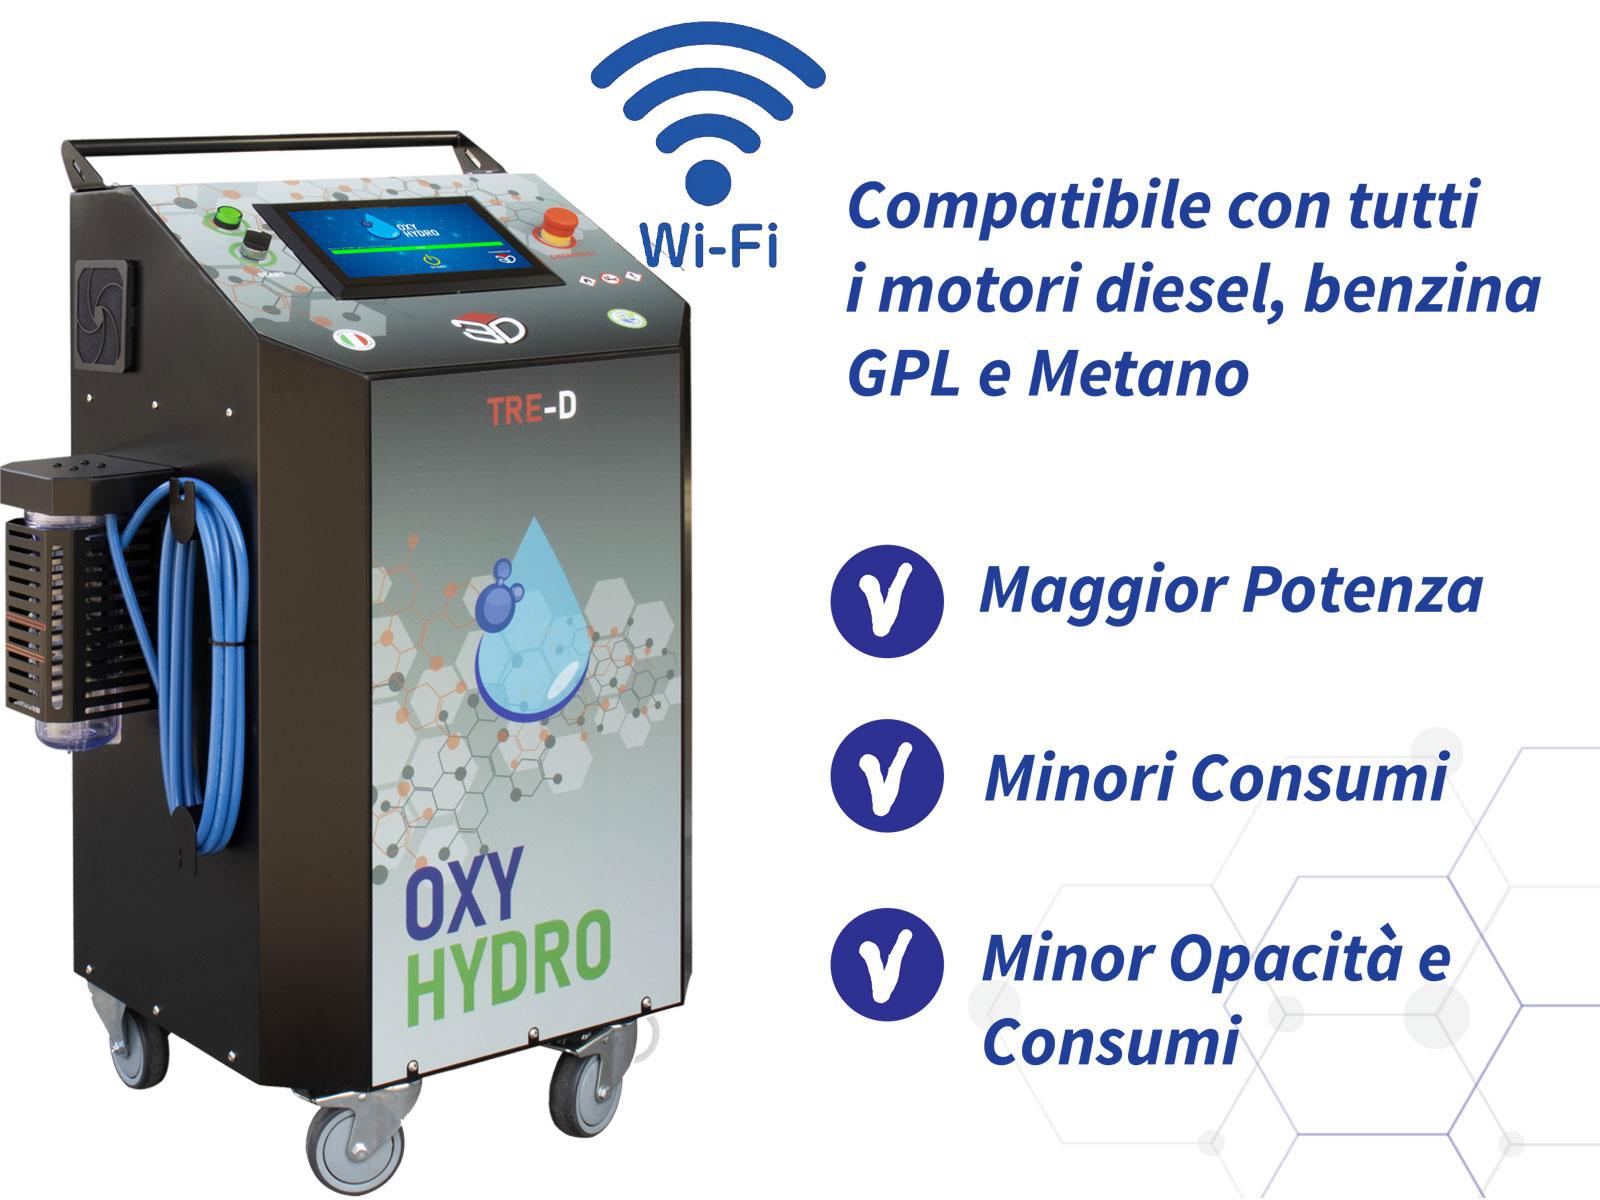 OxyHydro: Innovazione, affidabilità e sicurezza